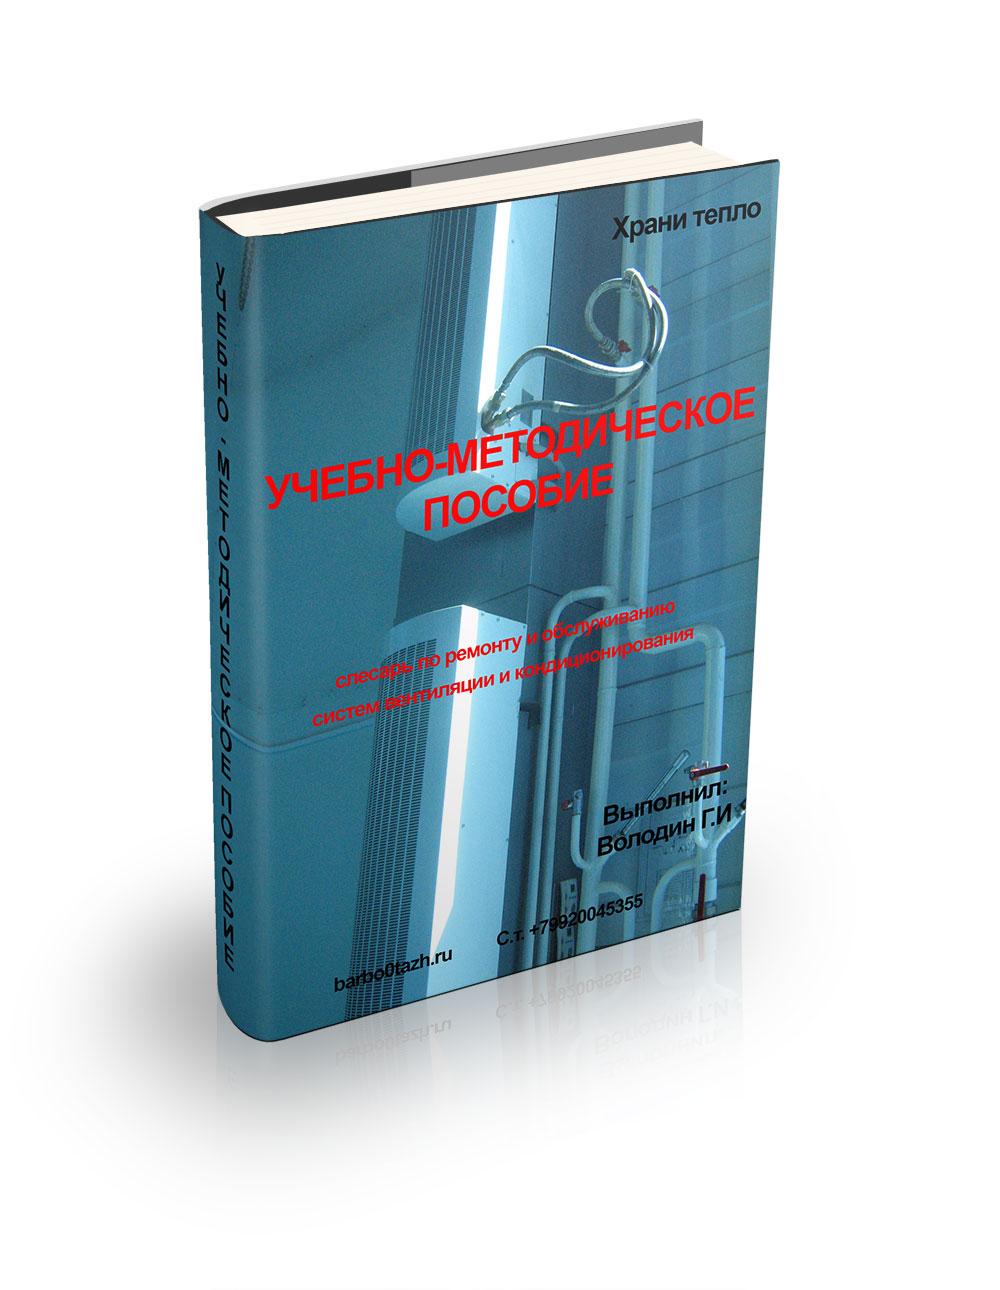 Учебно-методическое пособие для слесаря по вентиляции